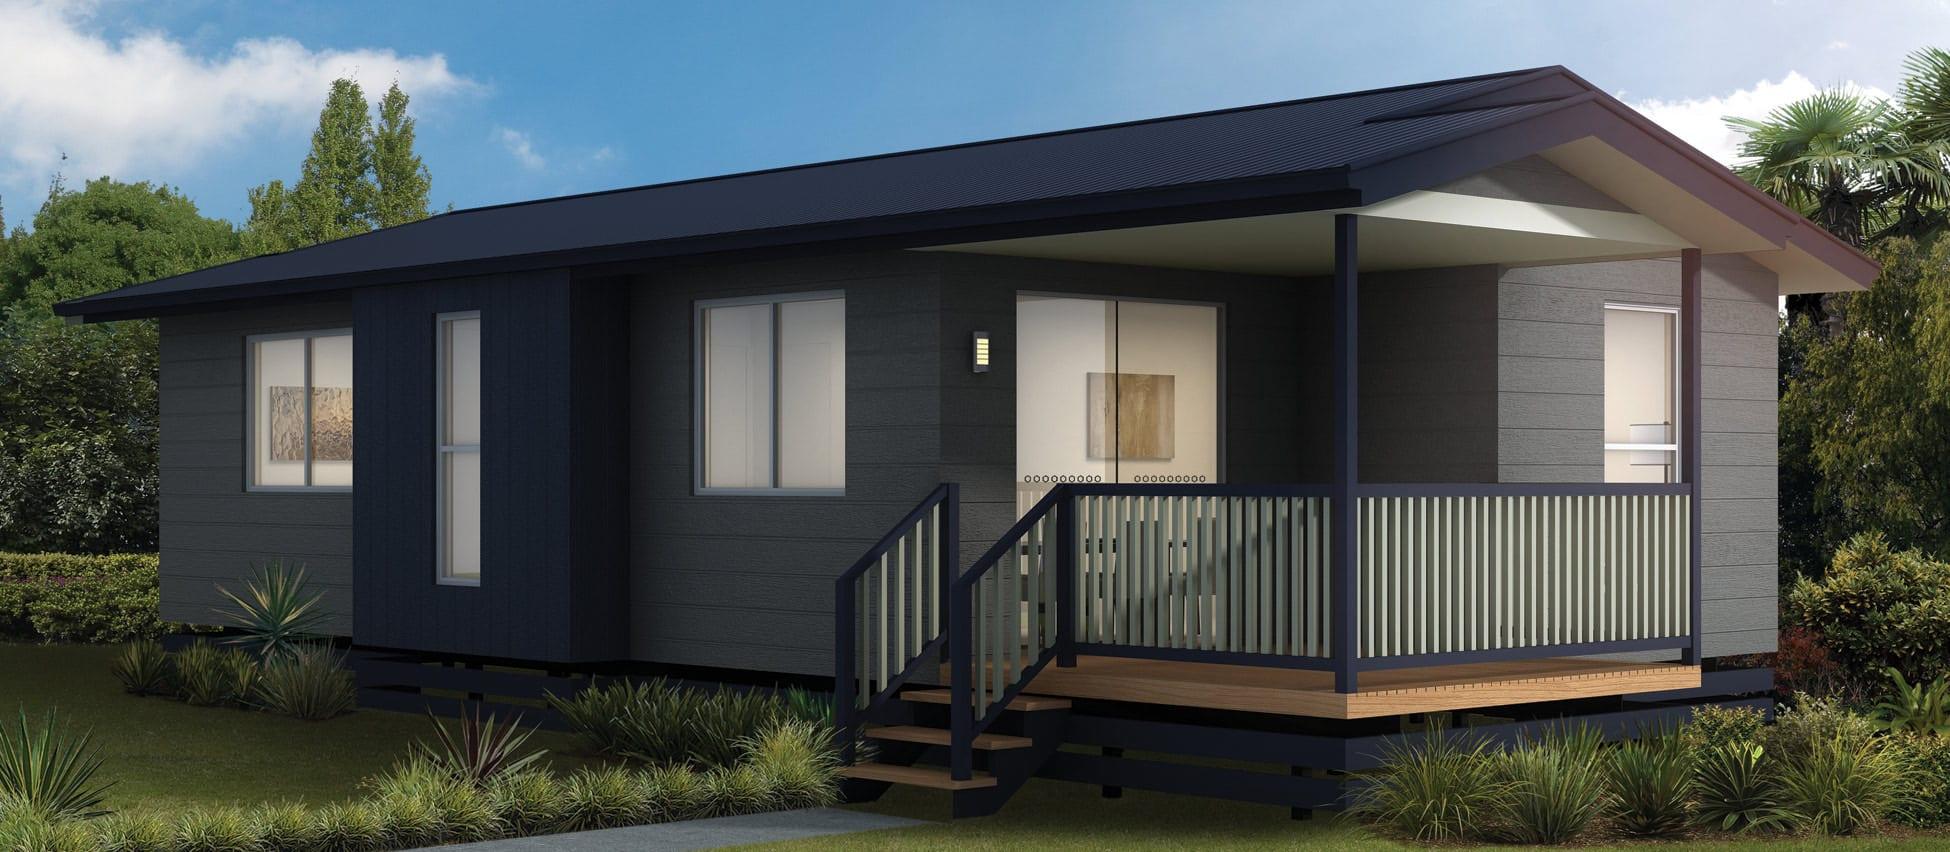 Top 5 Brisbane Granny Flats Under AUD $150'000